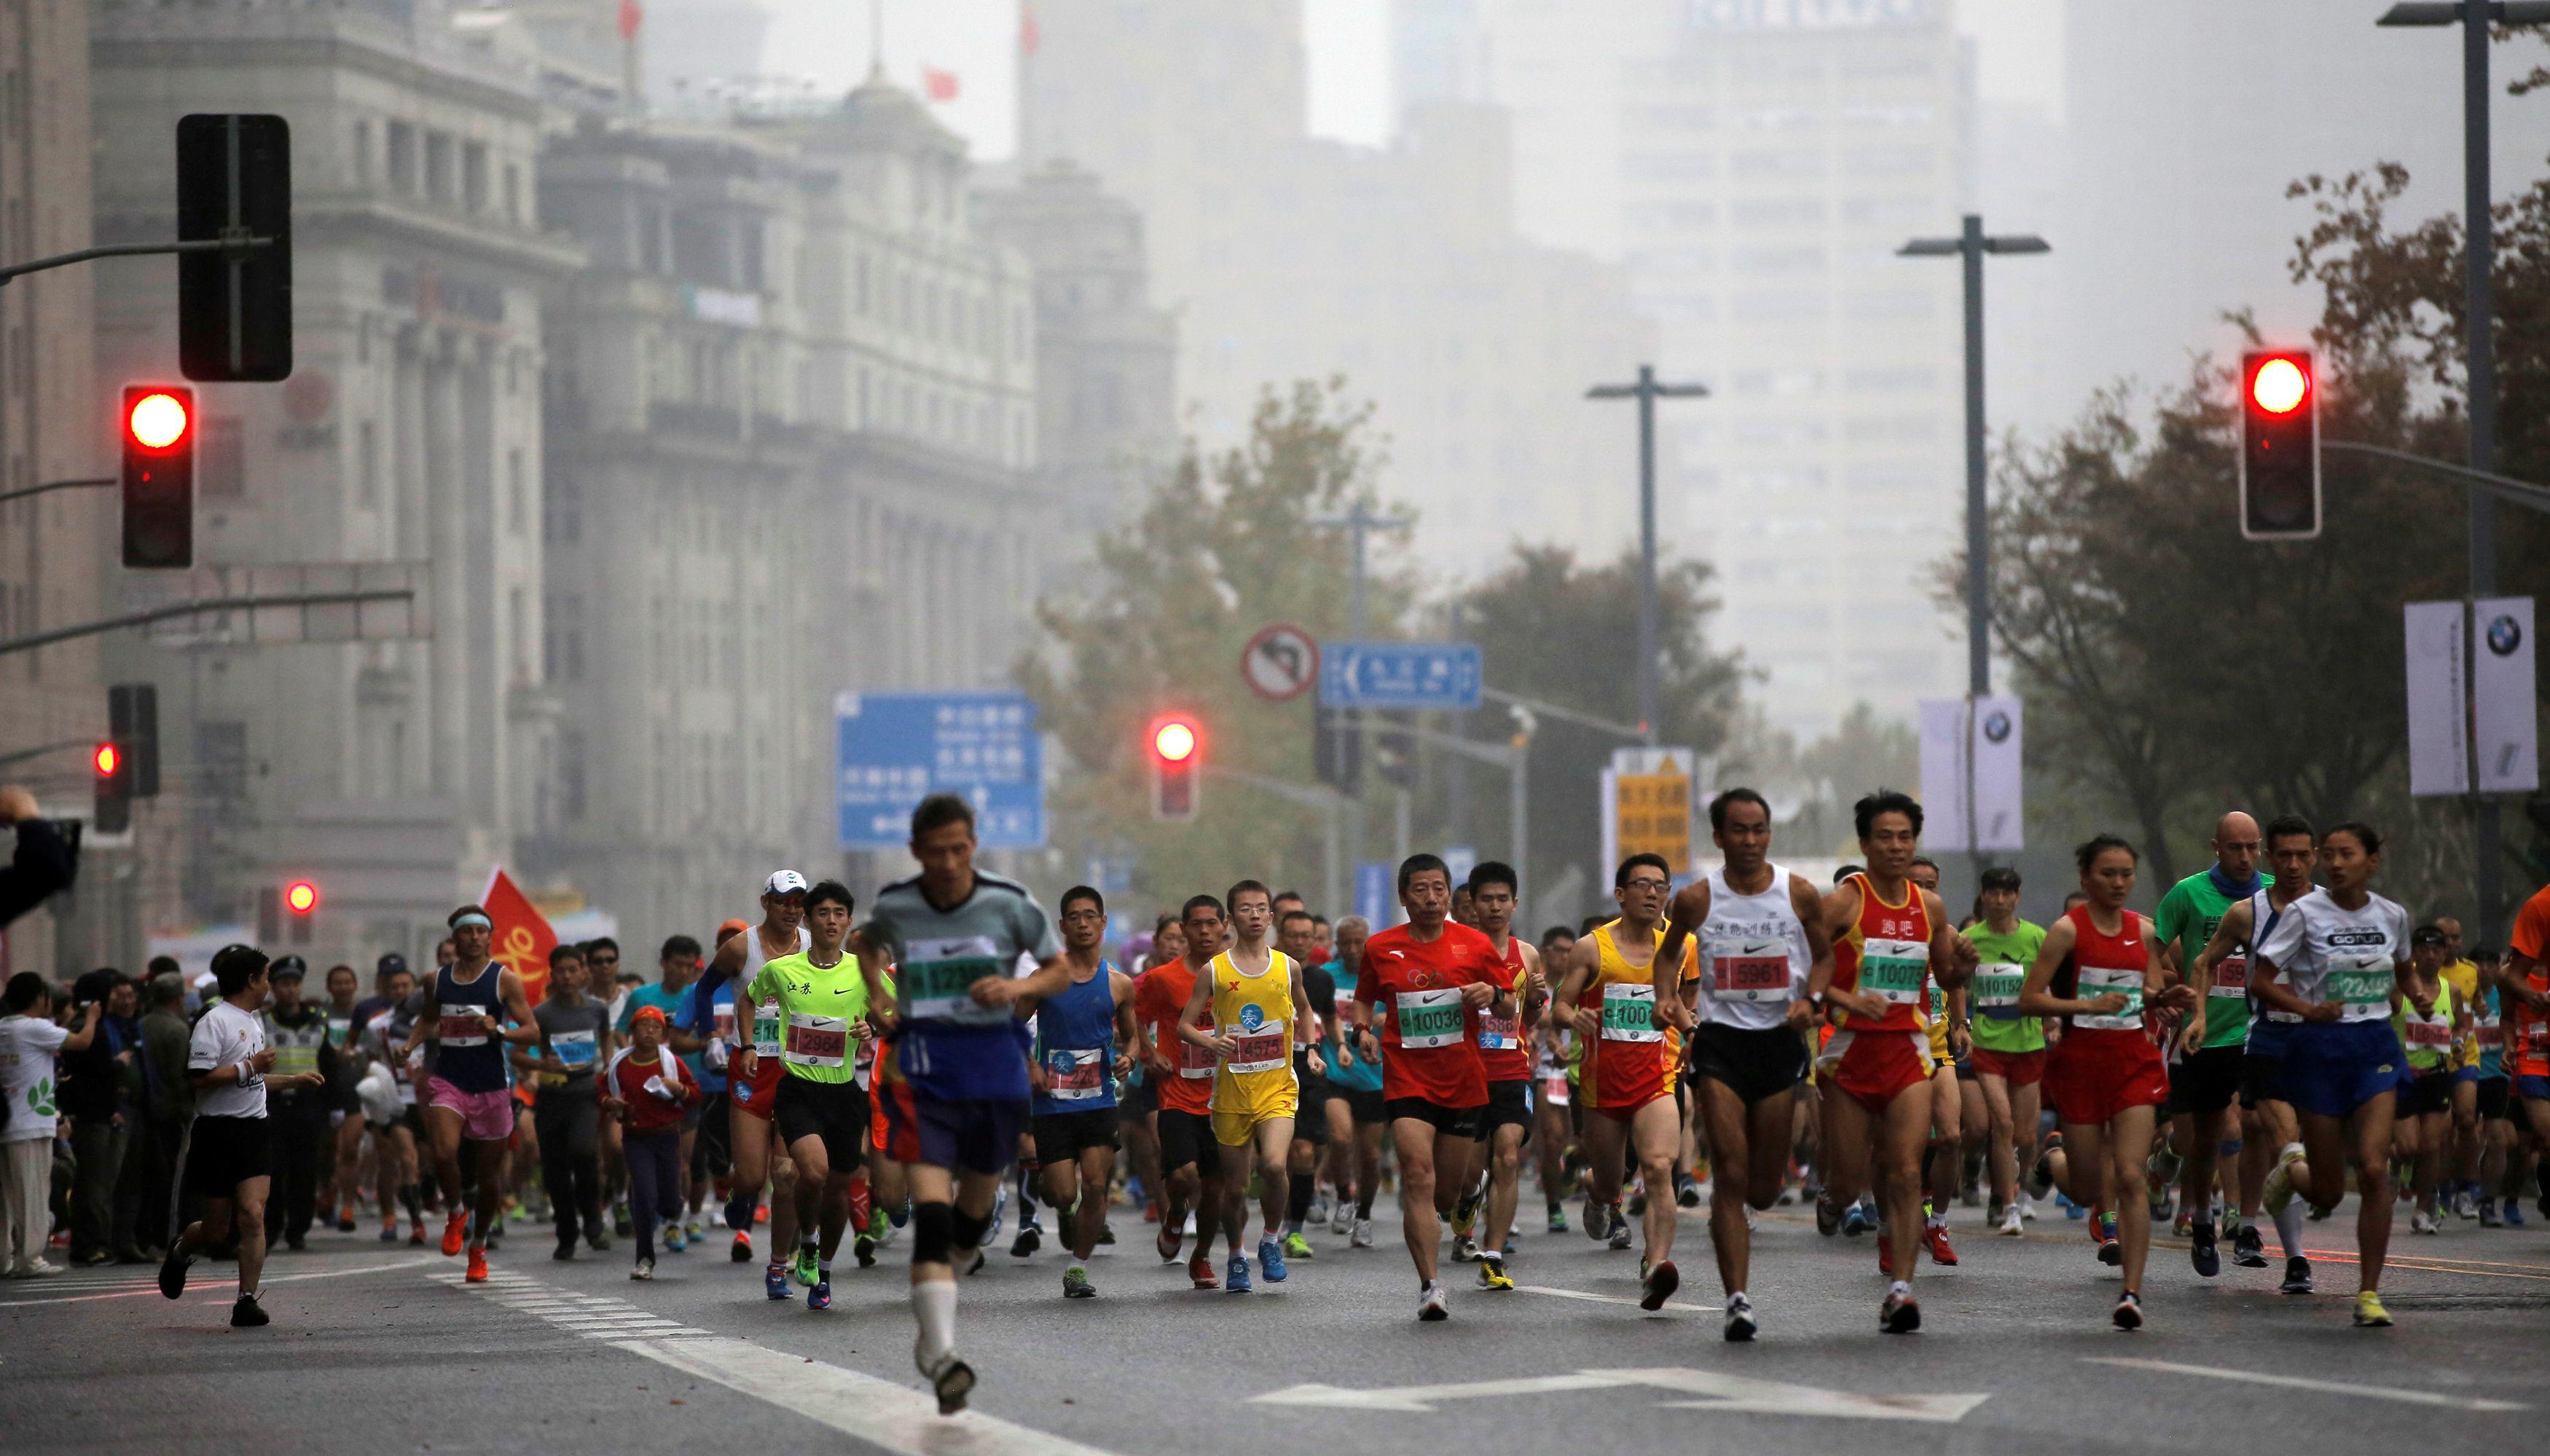 Los entrenadores ayudan a preparar maratones, medias o carreras de 10, 15 km para llegar a la meta en perfectas condiciones (Reuters)